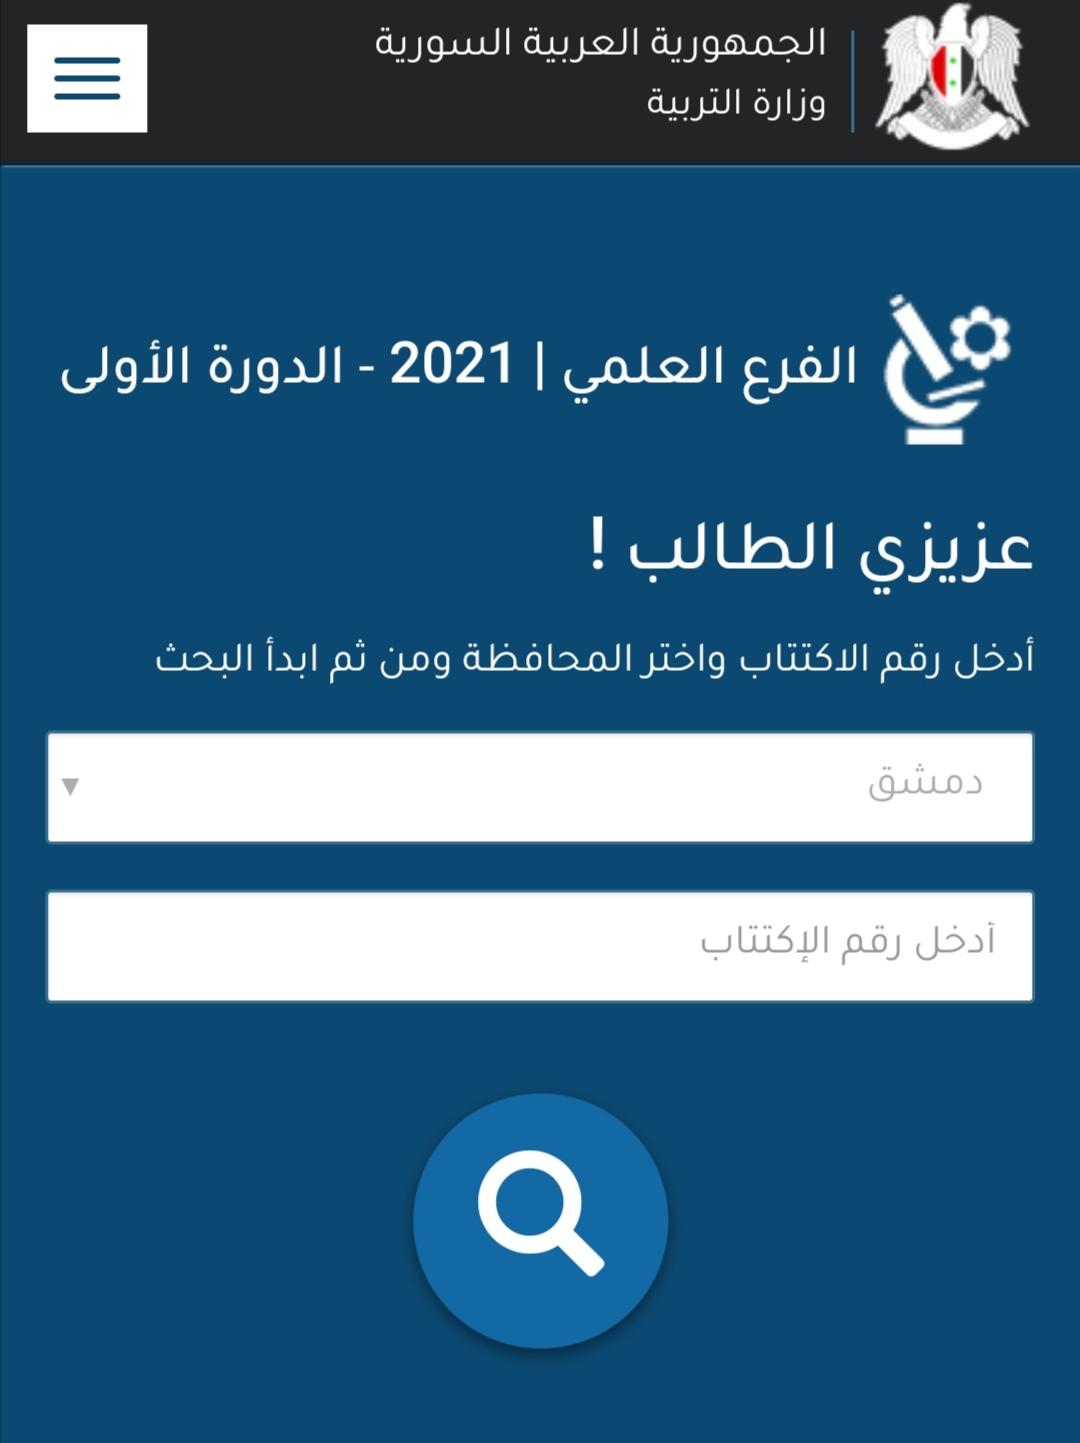 رابط نتائج البكالوريا 2021 في سوريا